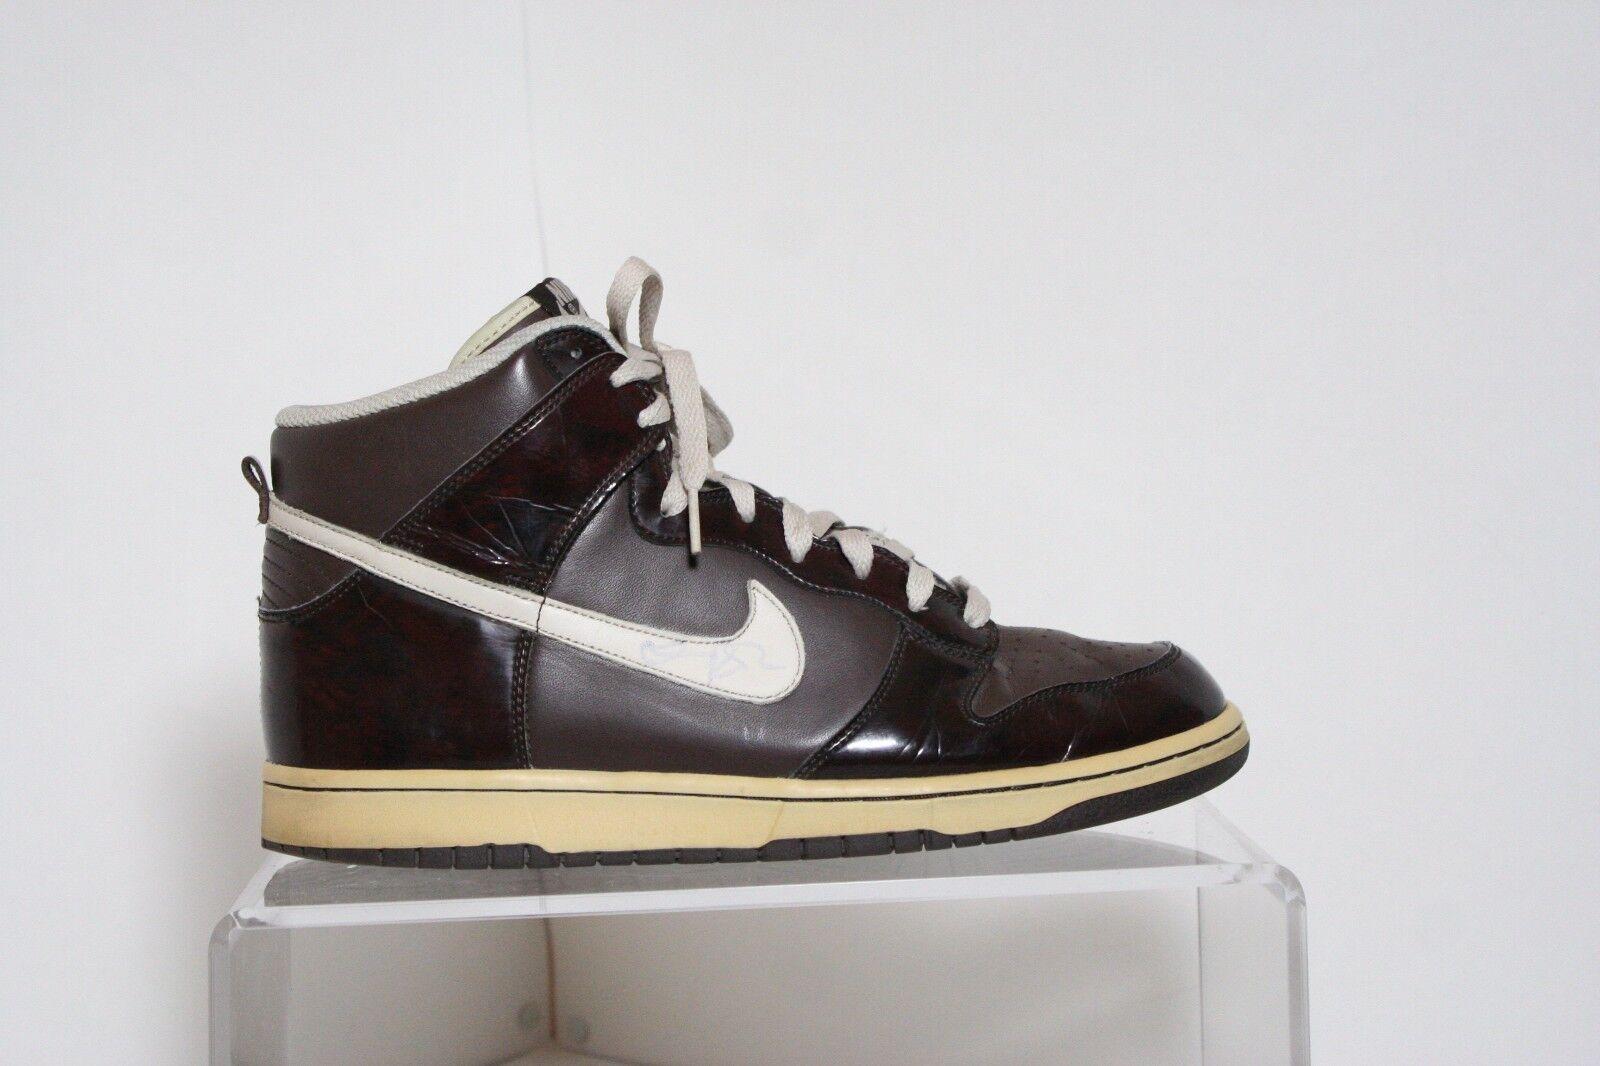 Nike Dunk High Premium 06' Sneakers Athletic Multi Woodgrain Hipster Men's 10